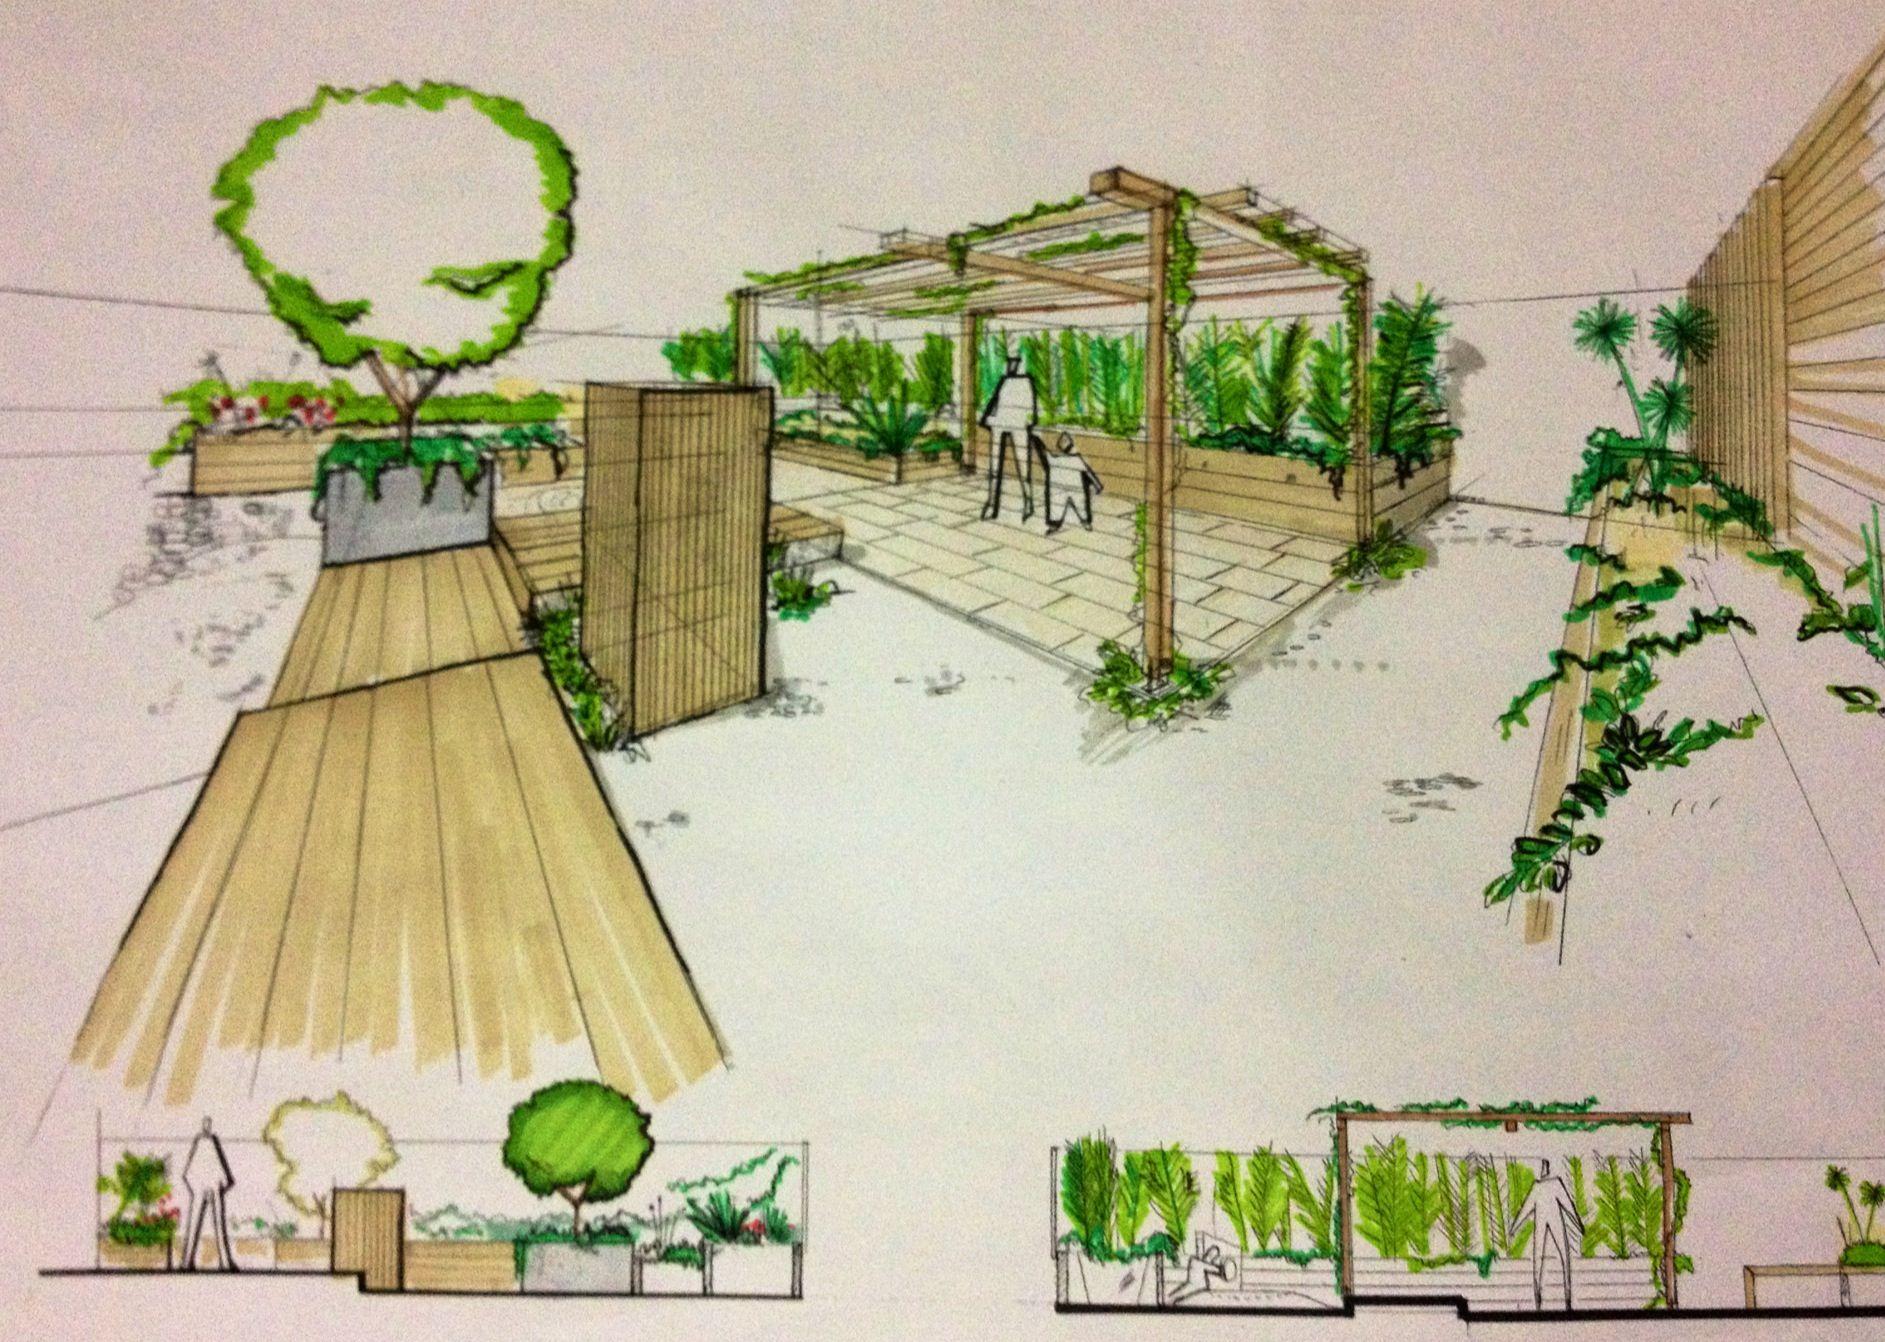 Sketch paisajismo sketches pinterest garten architektur und zeichnen - Garten zeichnen ...